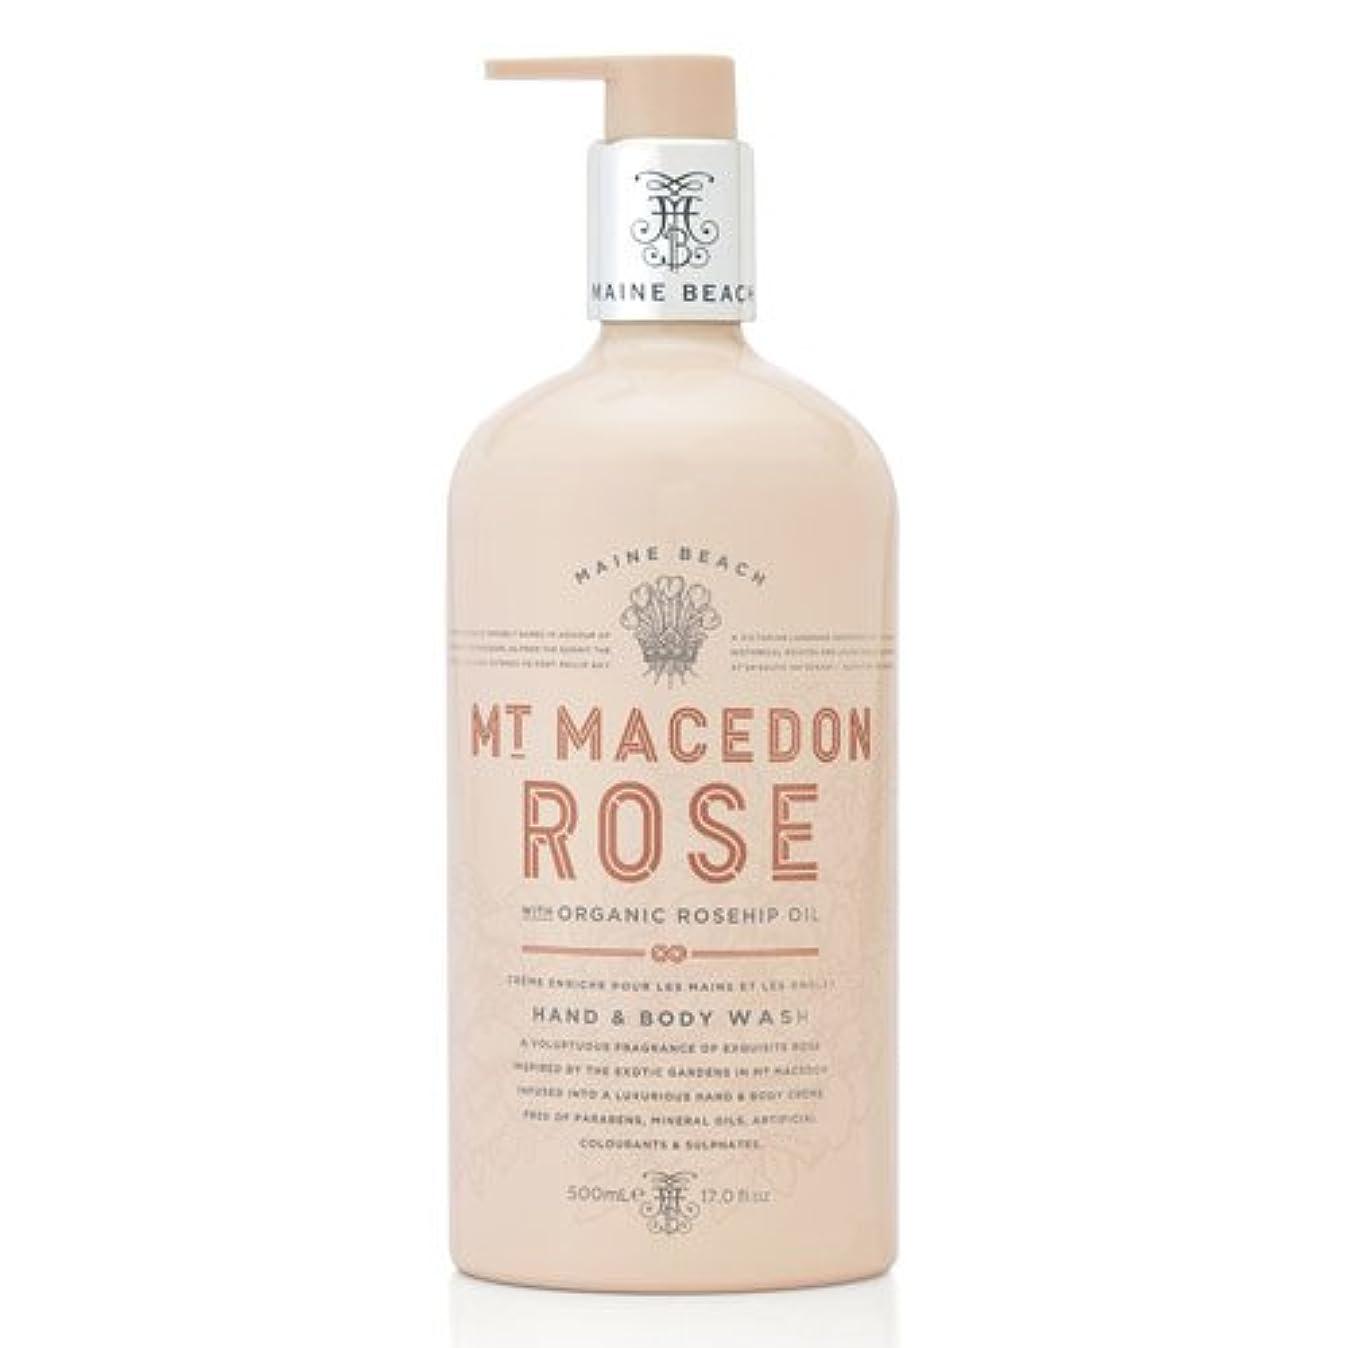 分析する起業家実際MAINE BEACH マインビーチ MT MACEDON ROSE マウント マセドン ローズ ハンド&ボディウォッシュ